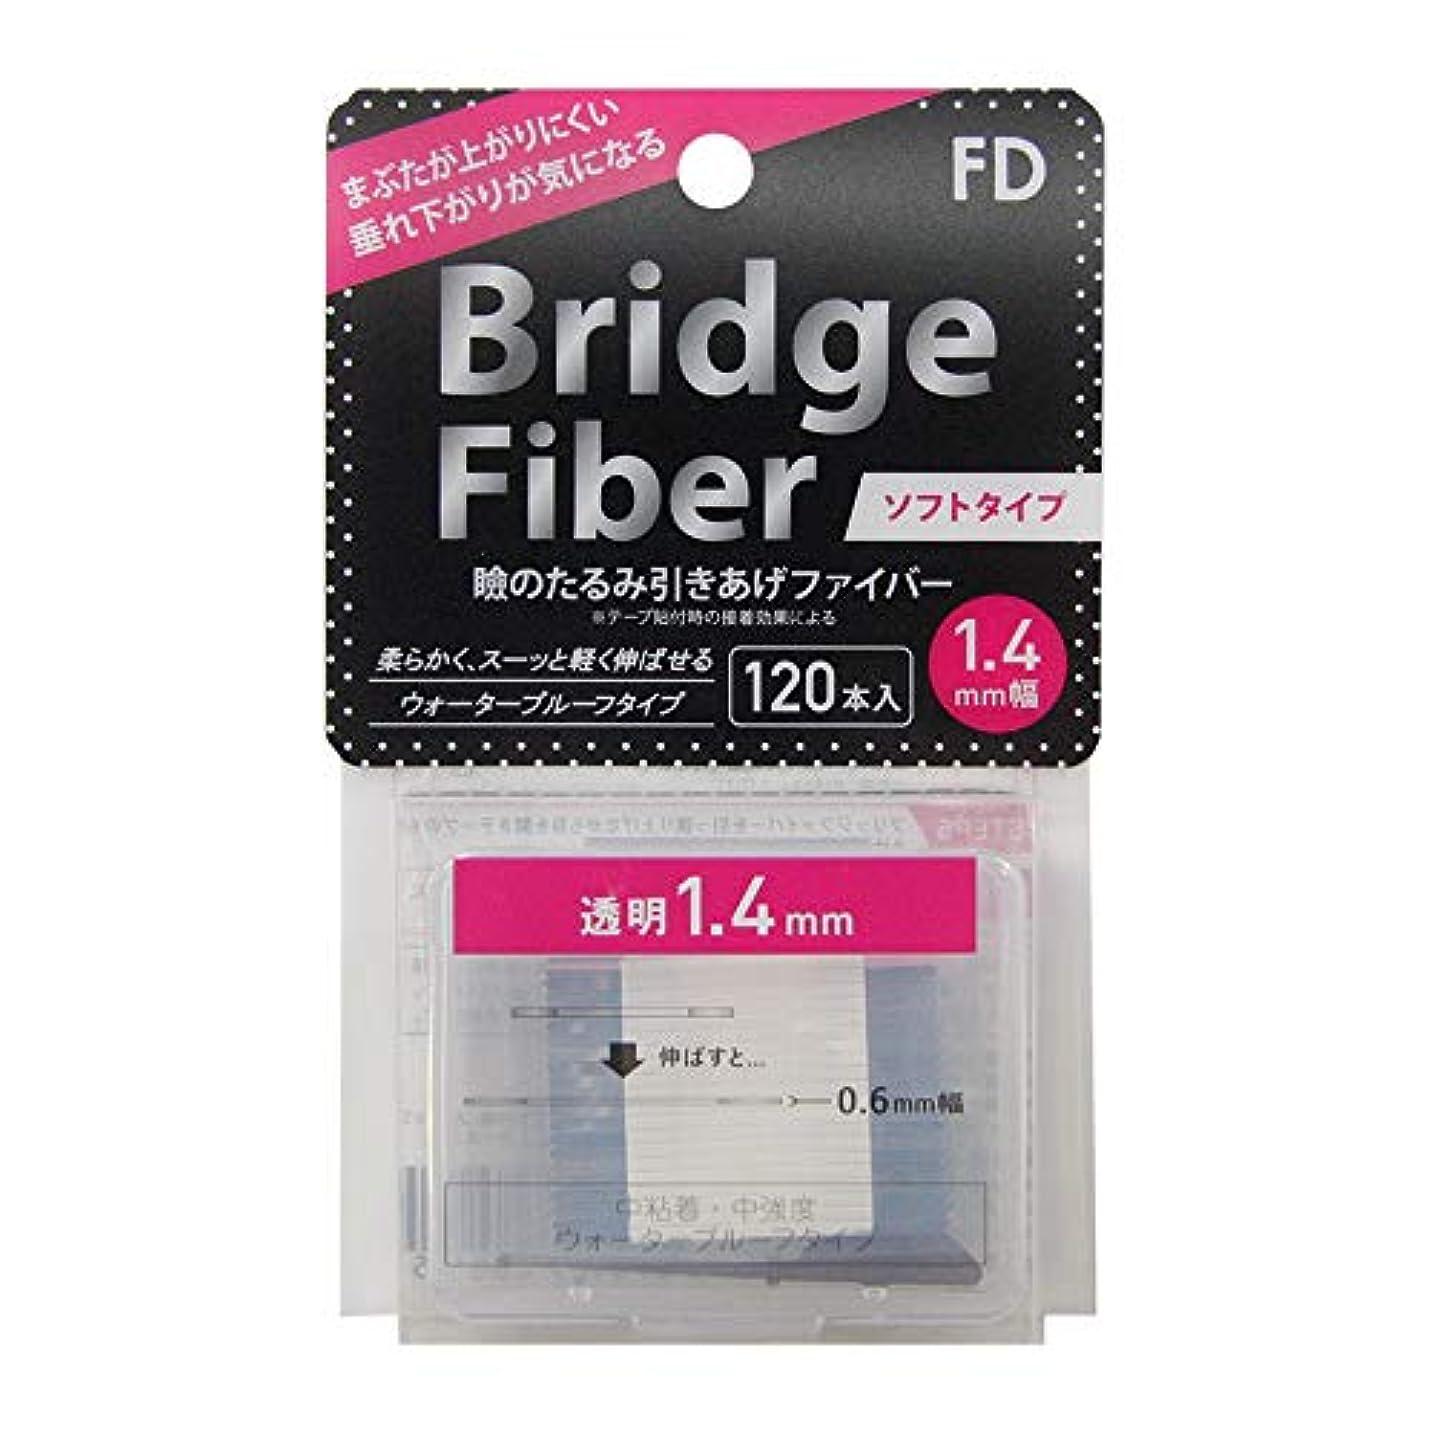 マナー地下支出FD ブリッジソフトファイバー 眼瞼下垂防止テープ ソフトタイプ 透明1.4mm幅 120本入り